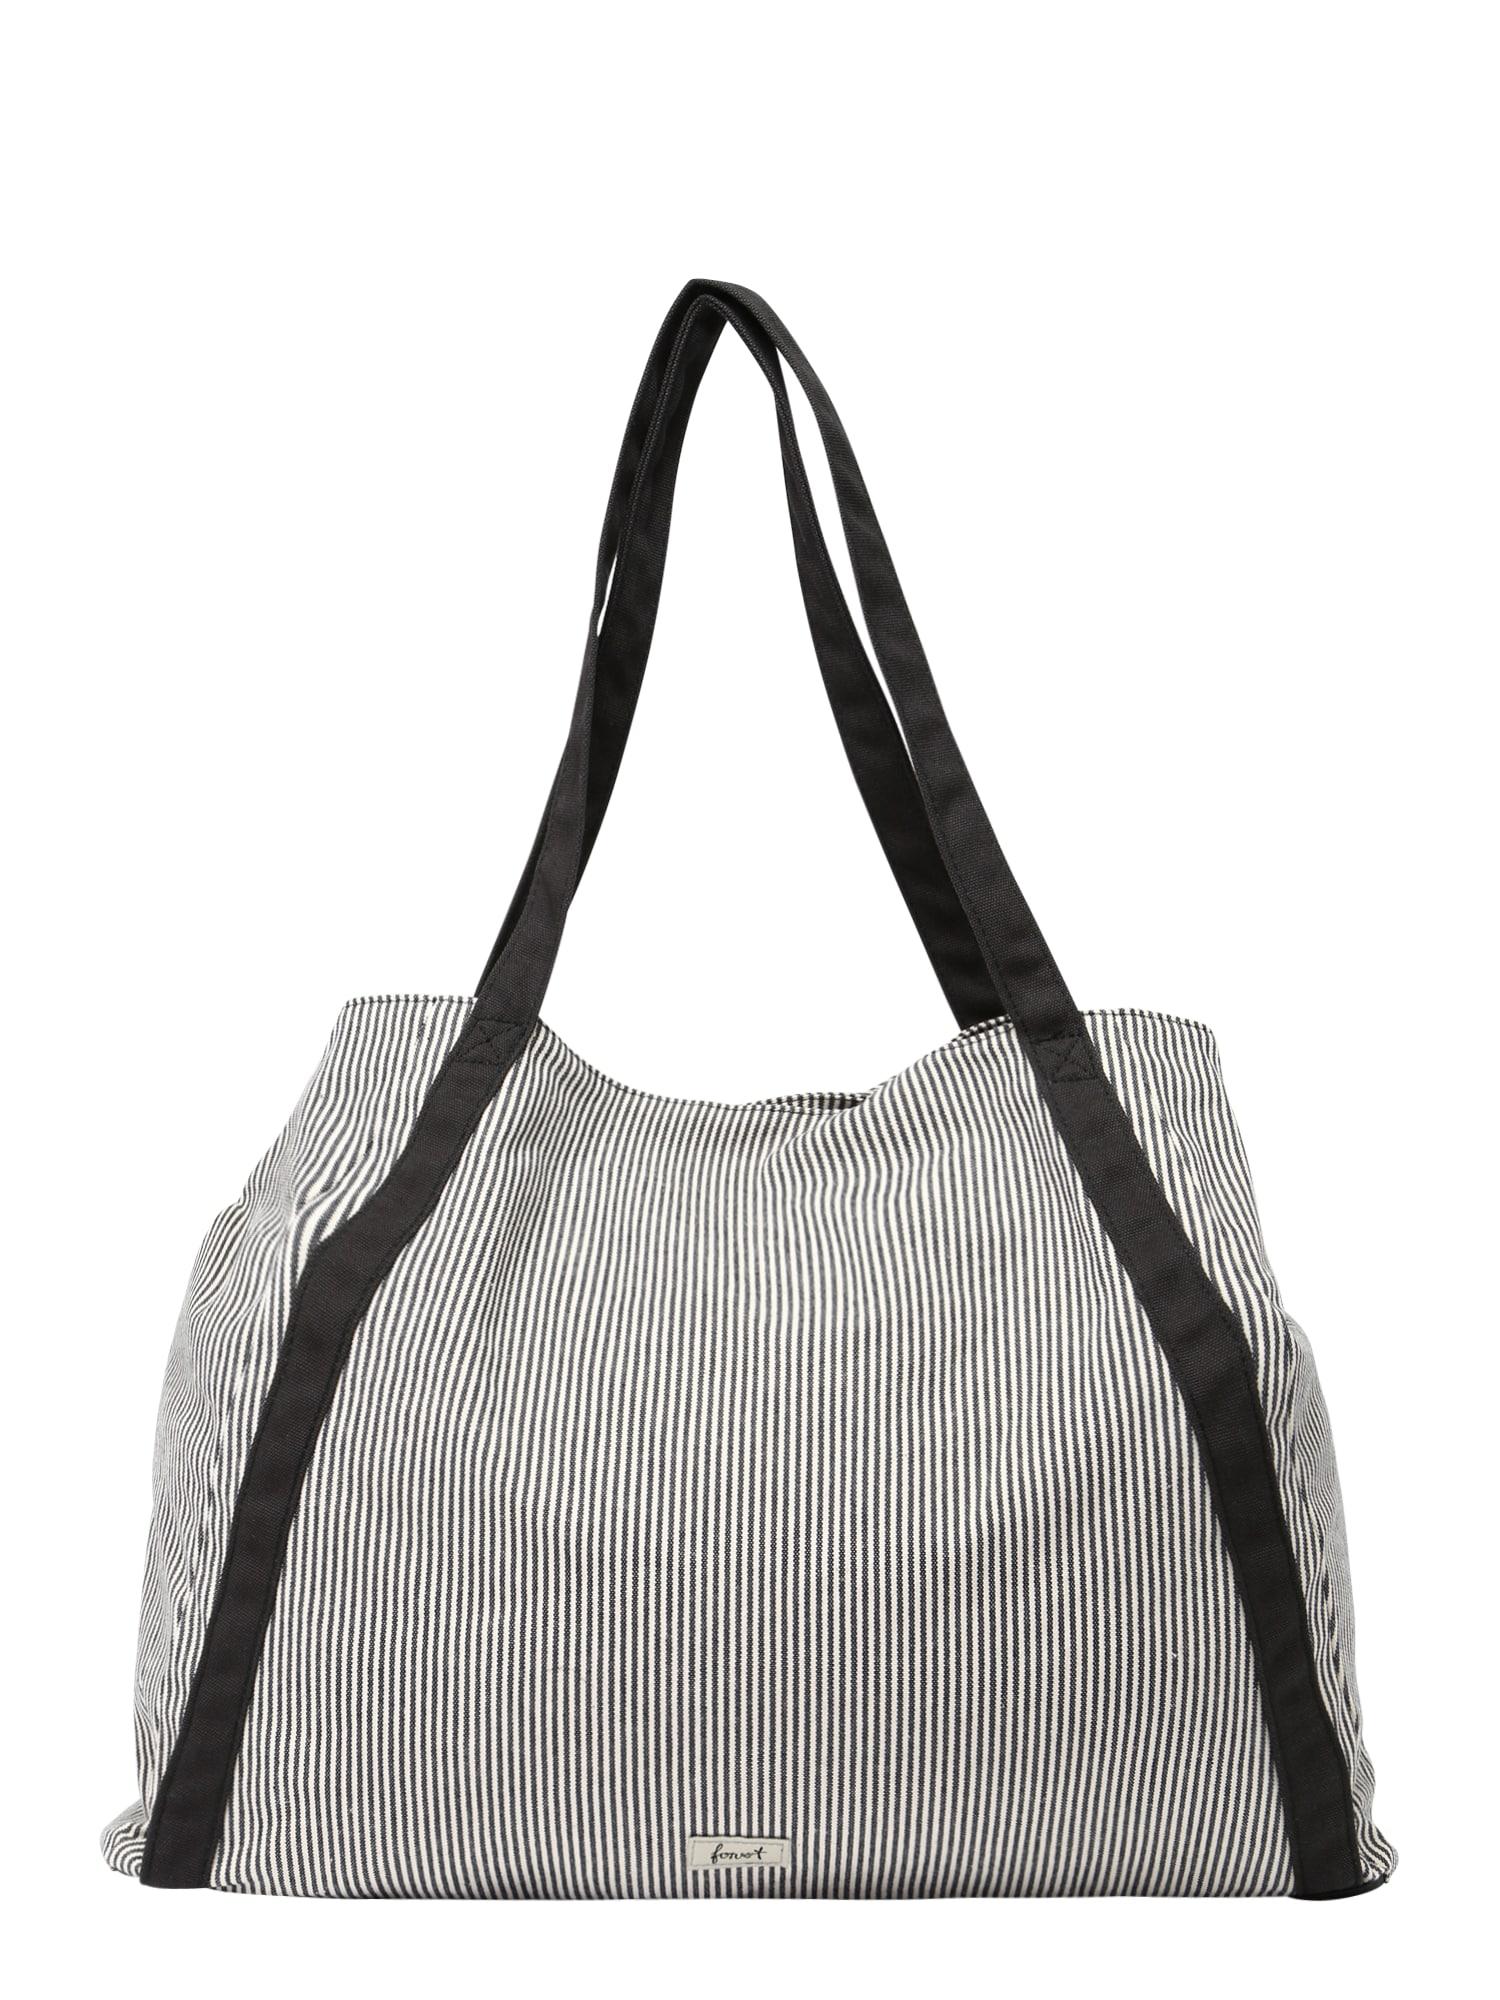 Nákupní taška Cloe šedá bílá Forvert